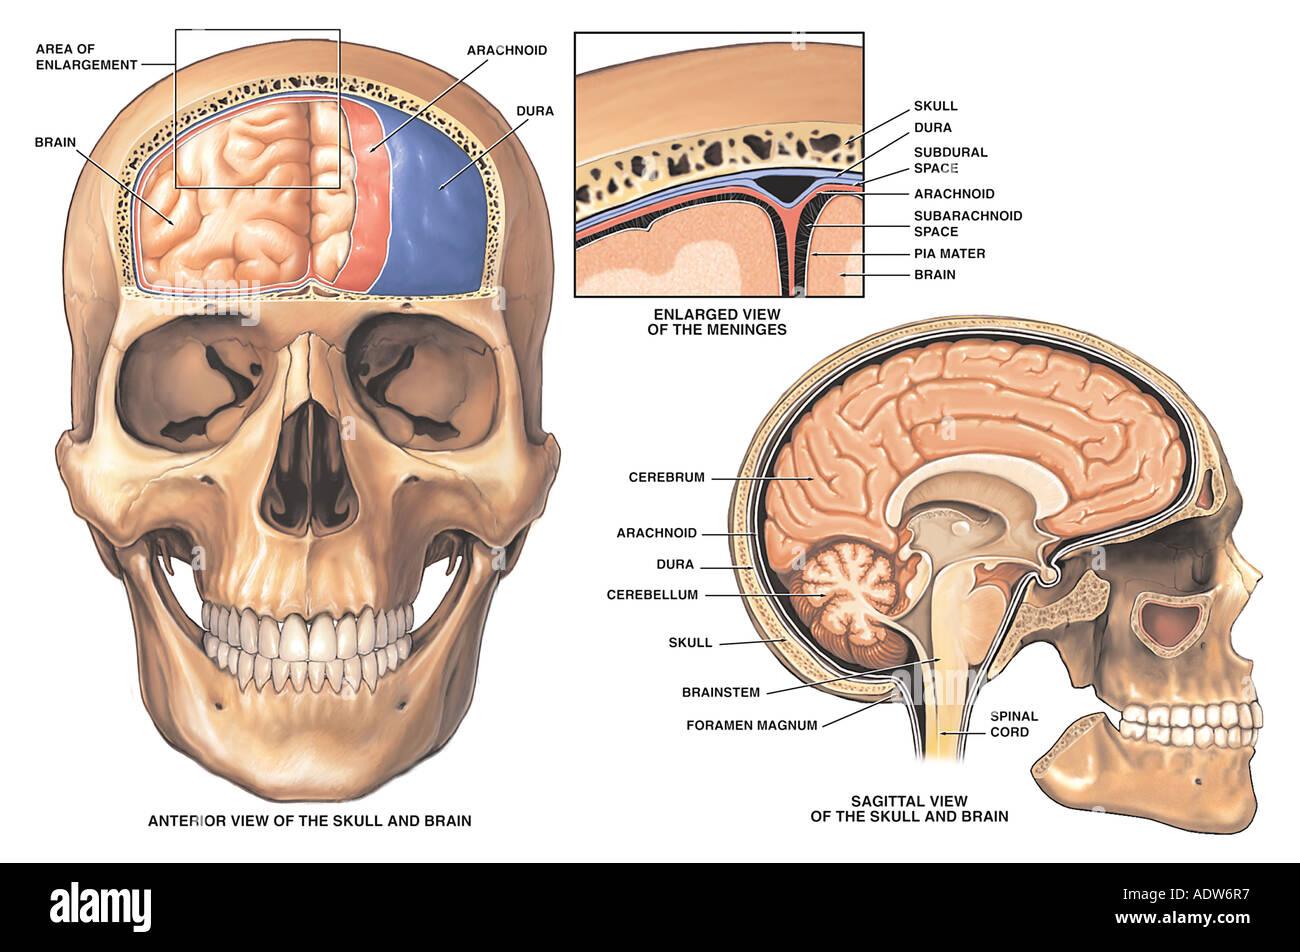 Anatomie des Gehirns und der Hirnhäute Stockfoto, Bild: 7712246 - Alamy